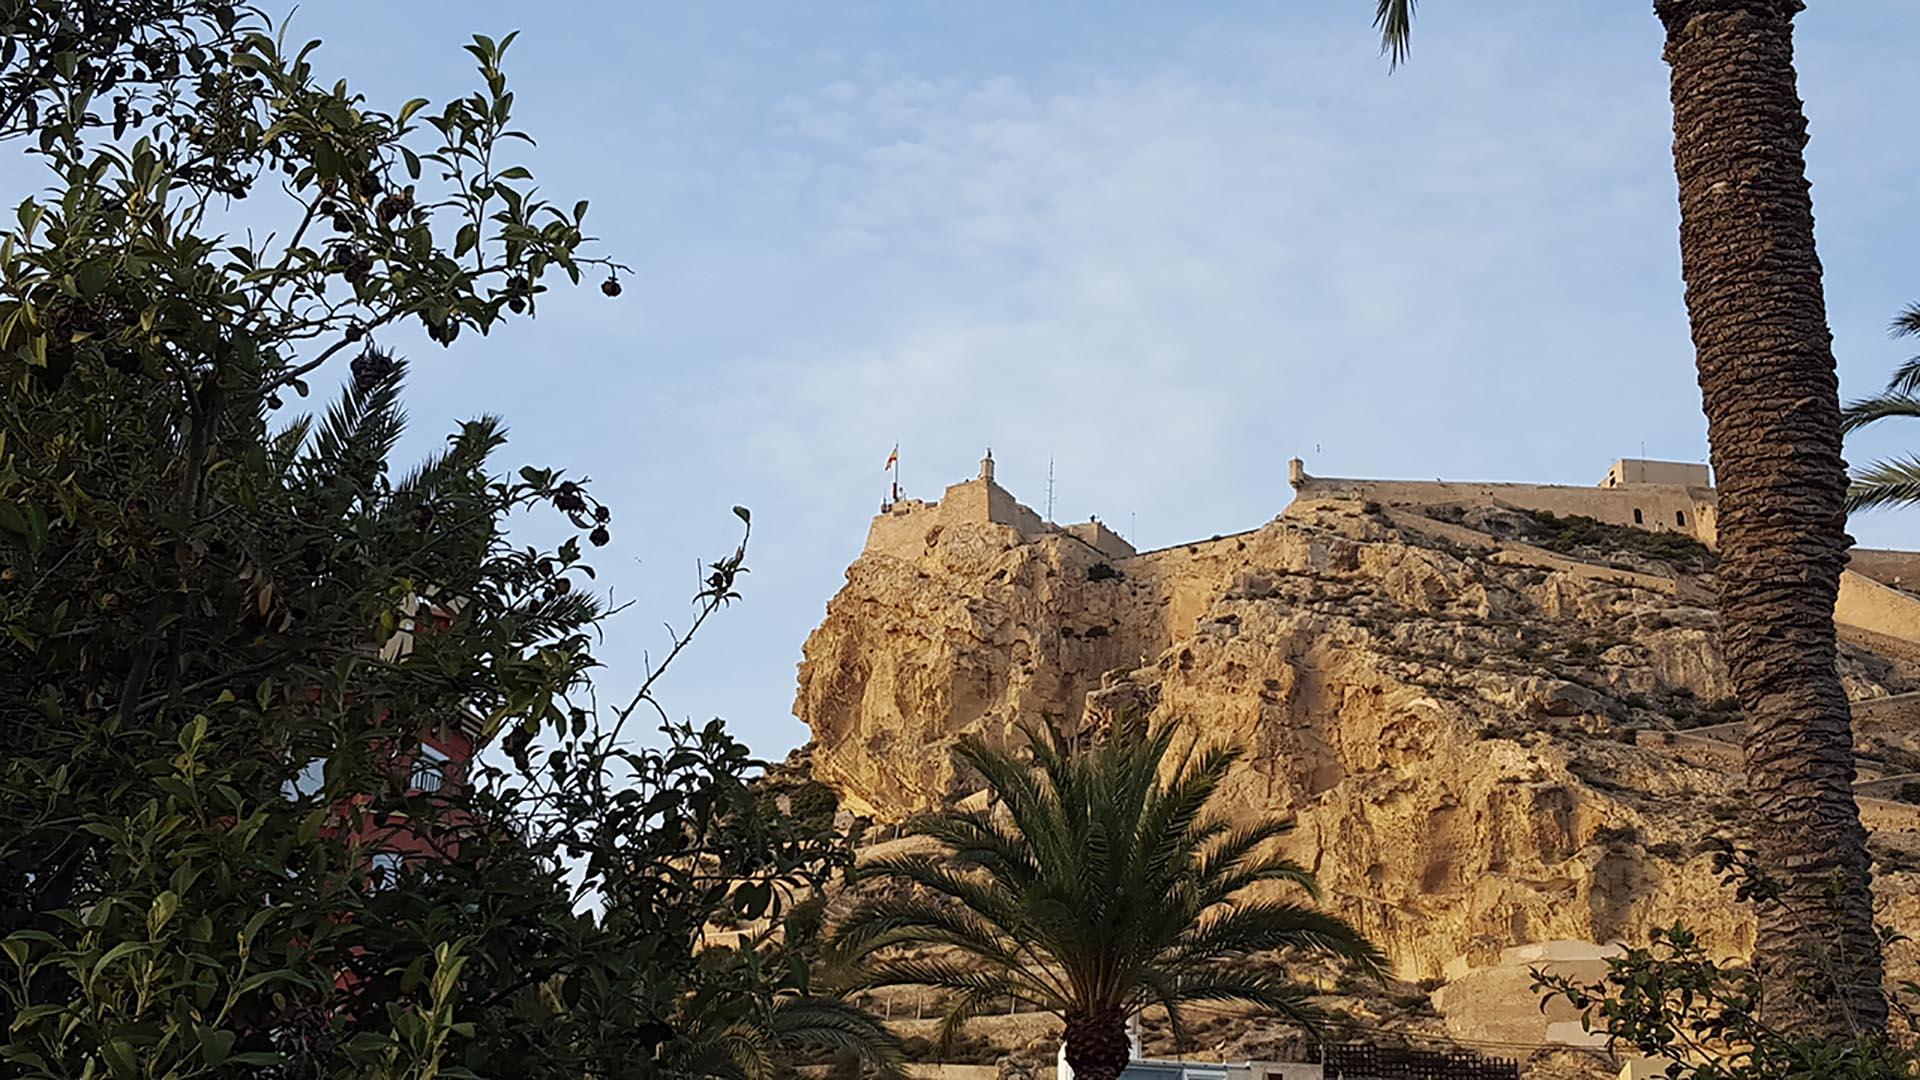 La cara del moro o Testa del Moro e il Castillo di Santa Barbara